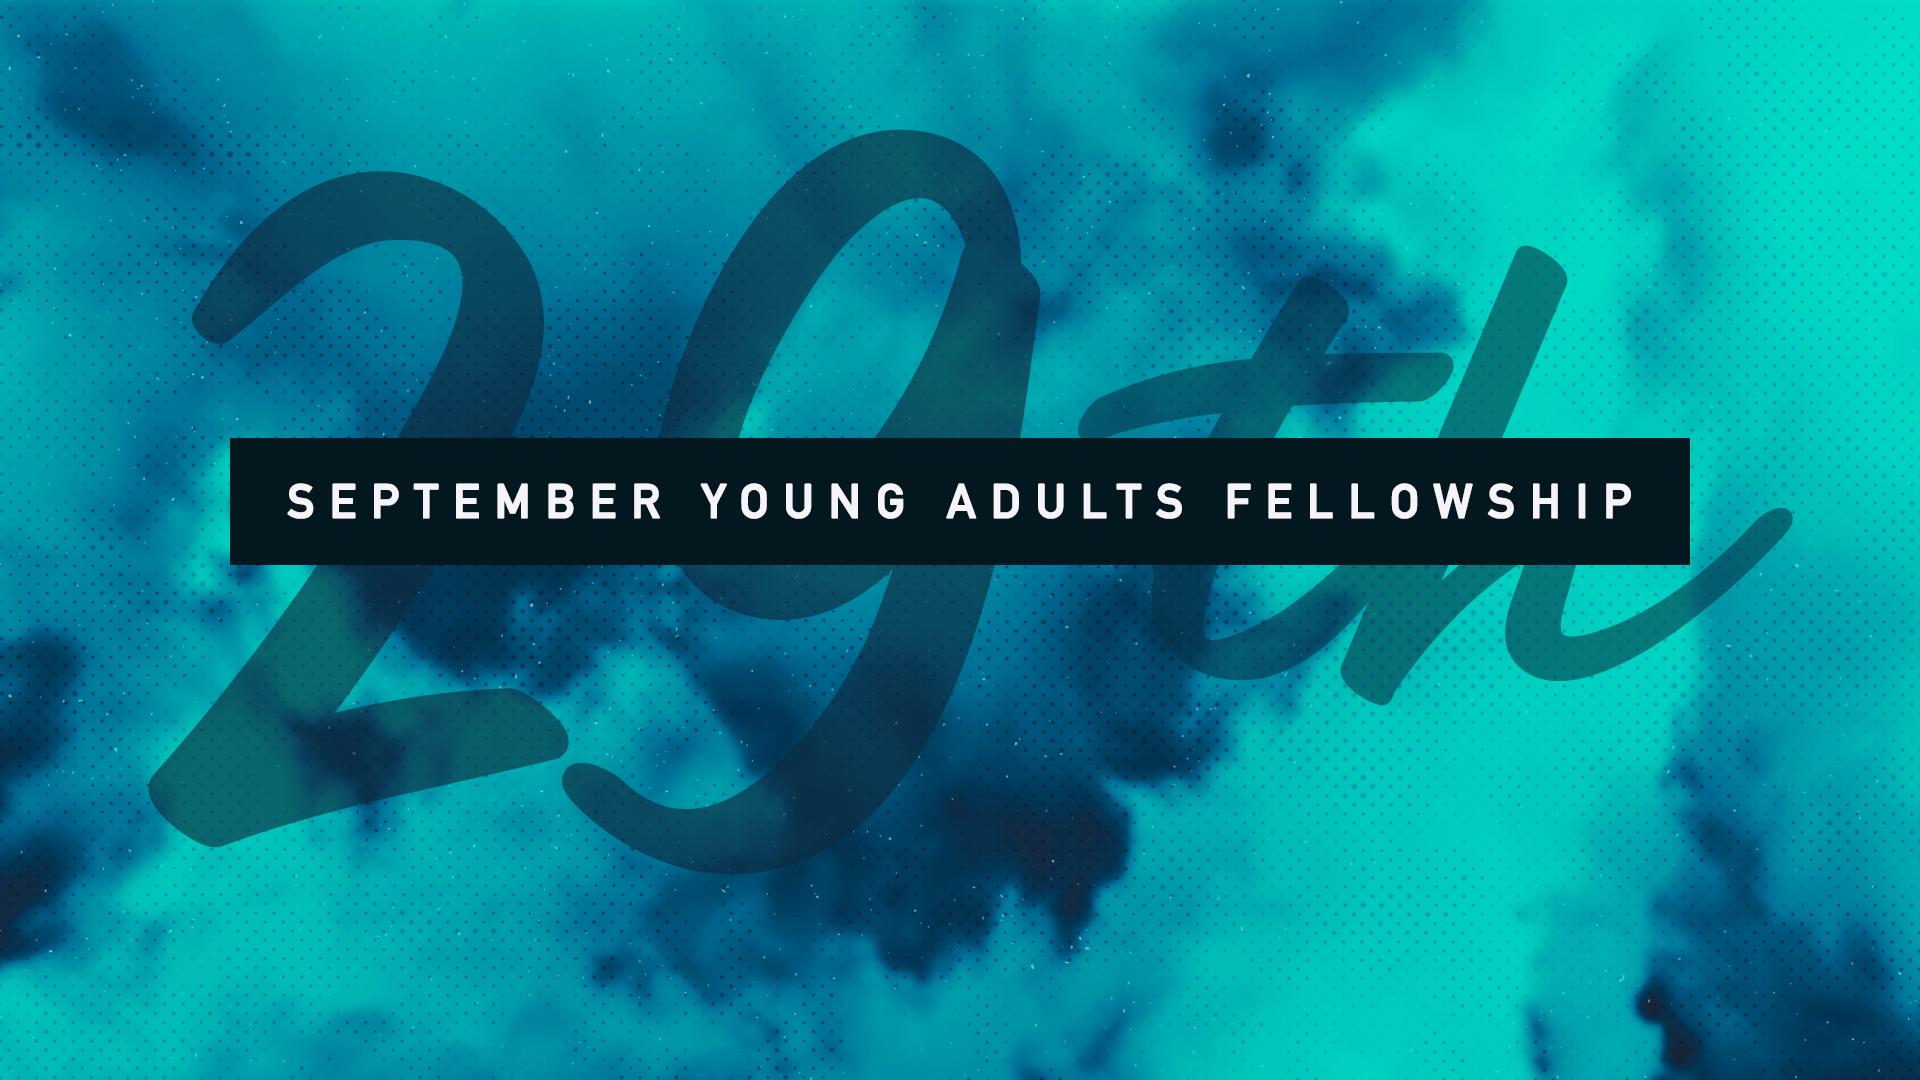 YoungAdultsFellowship_September2019_3-2_V2.png